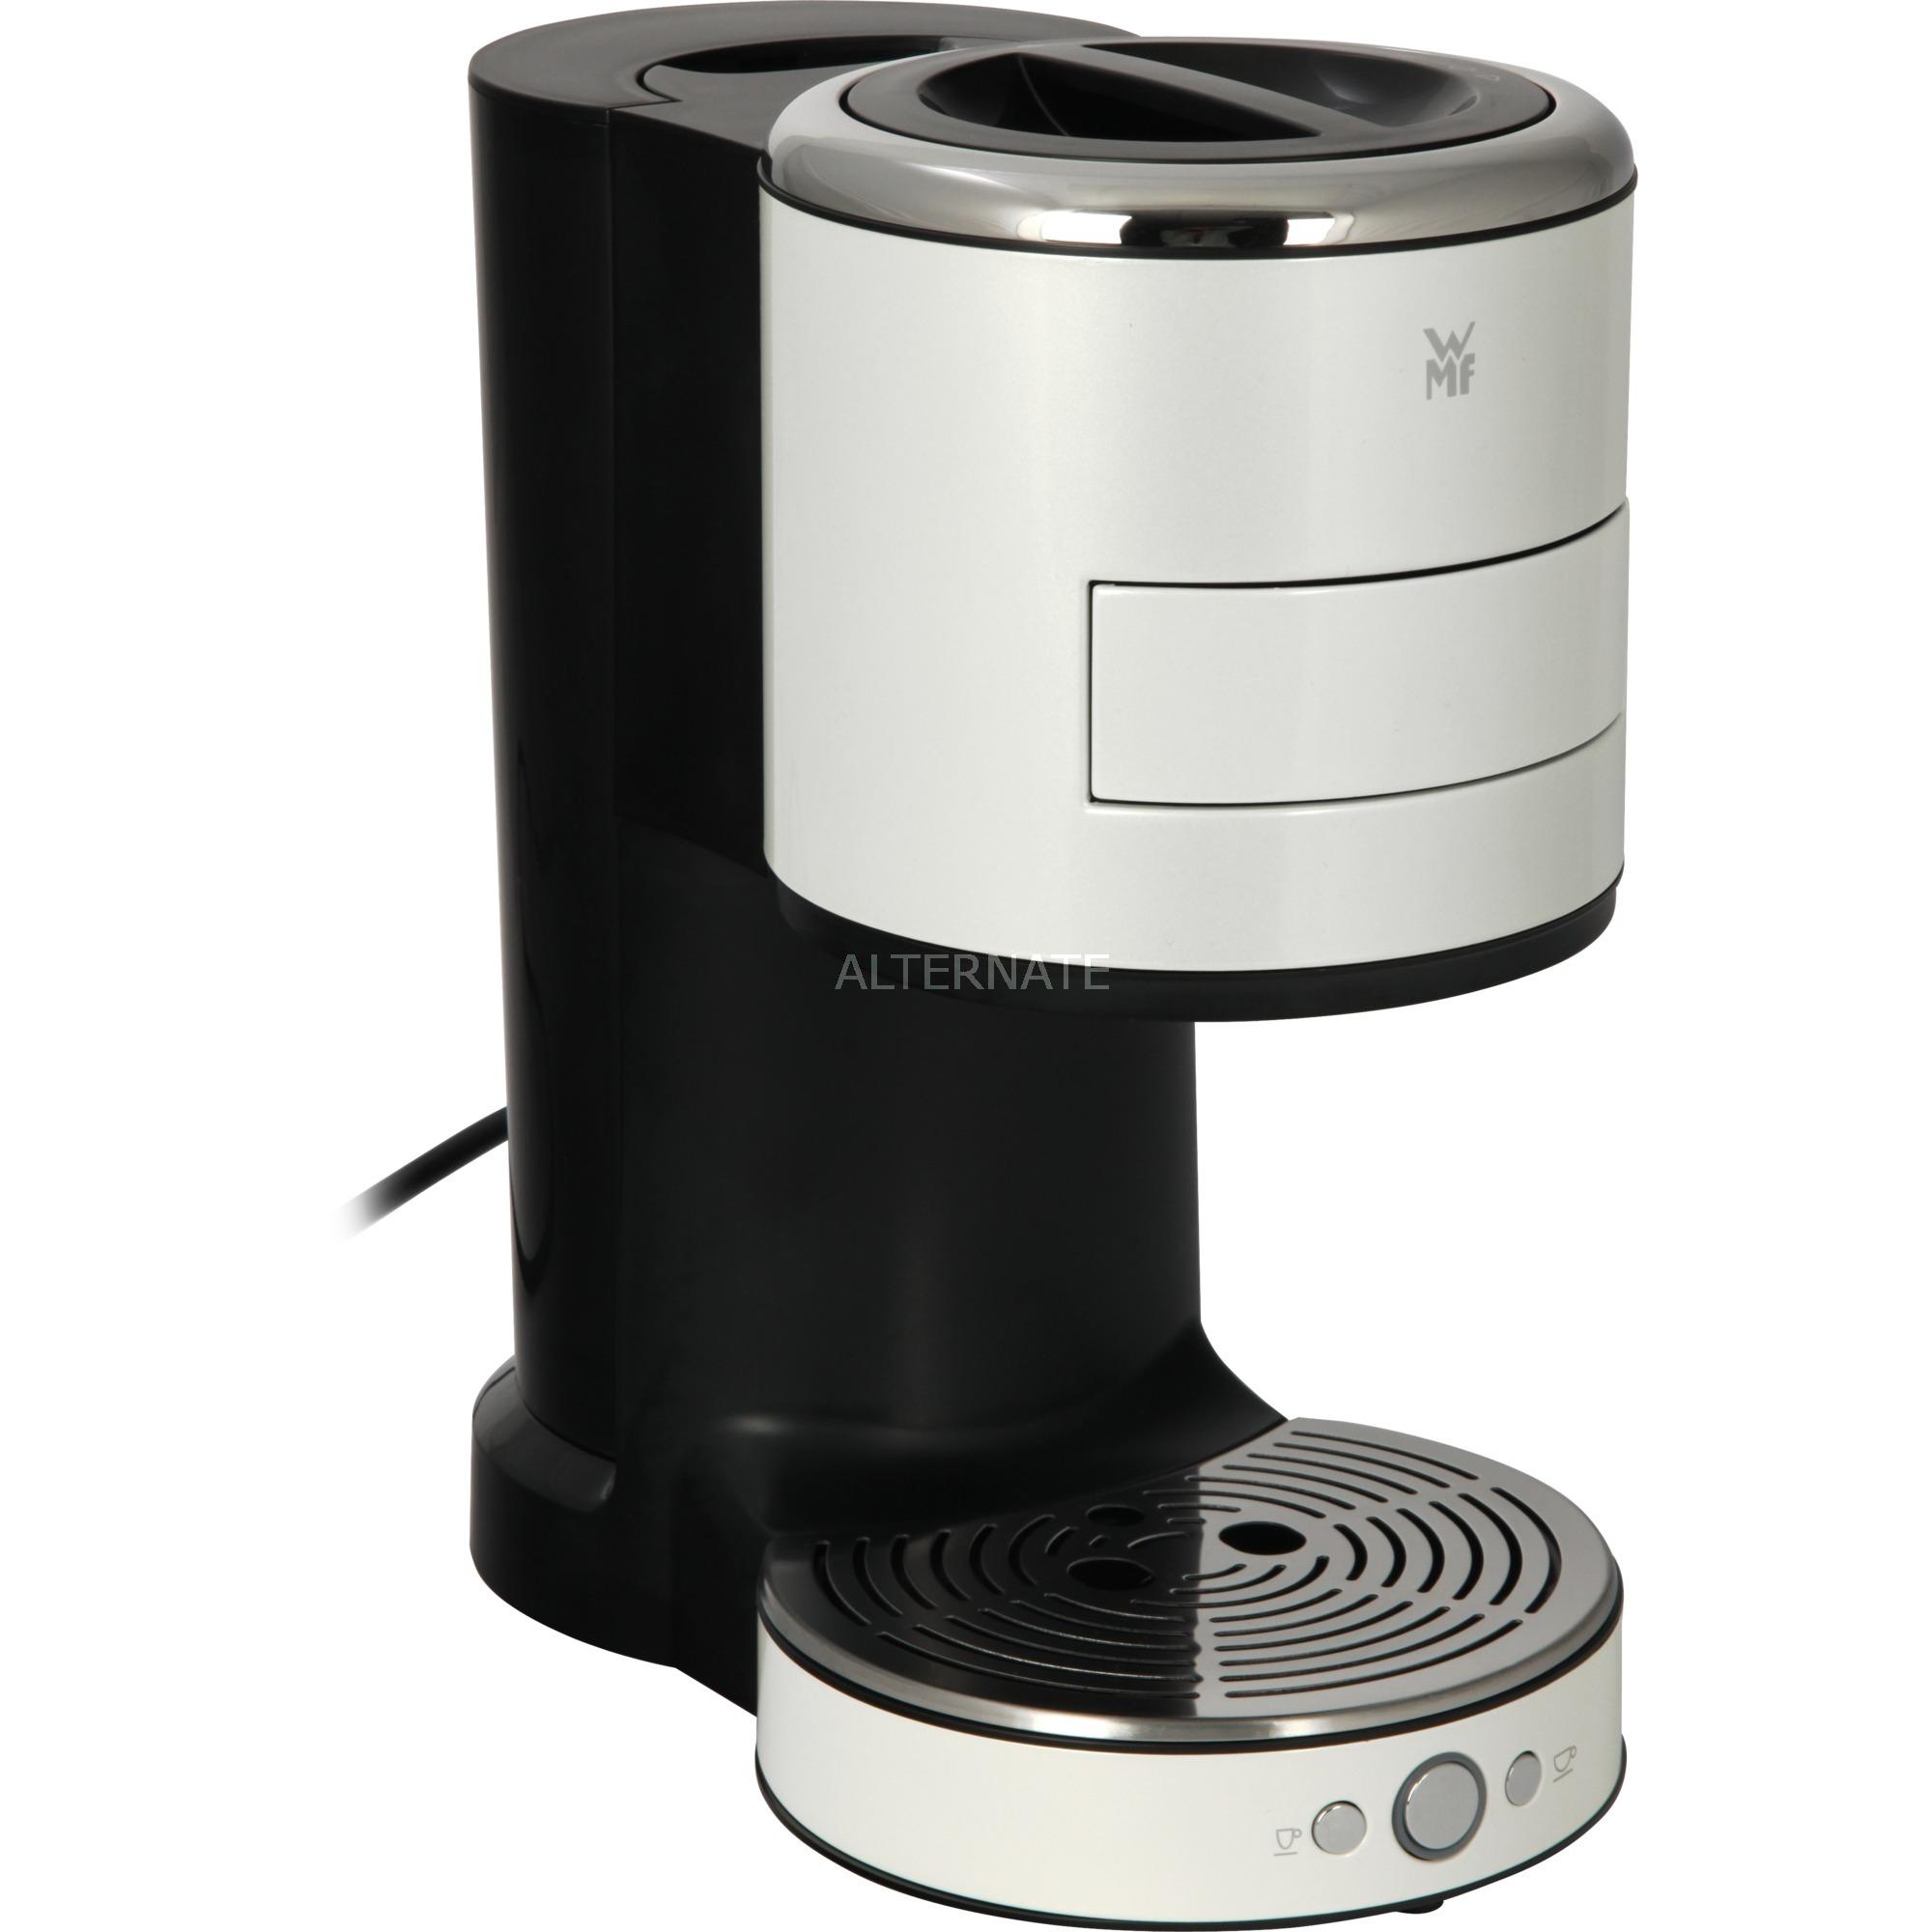 Lono Independiente Máquina espresso Blanco 0,8 L 2 tazas, Cafetera monodosis